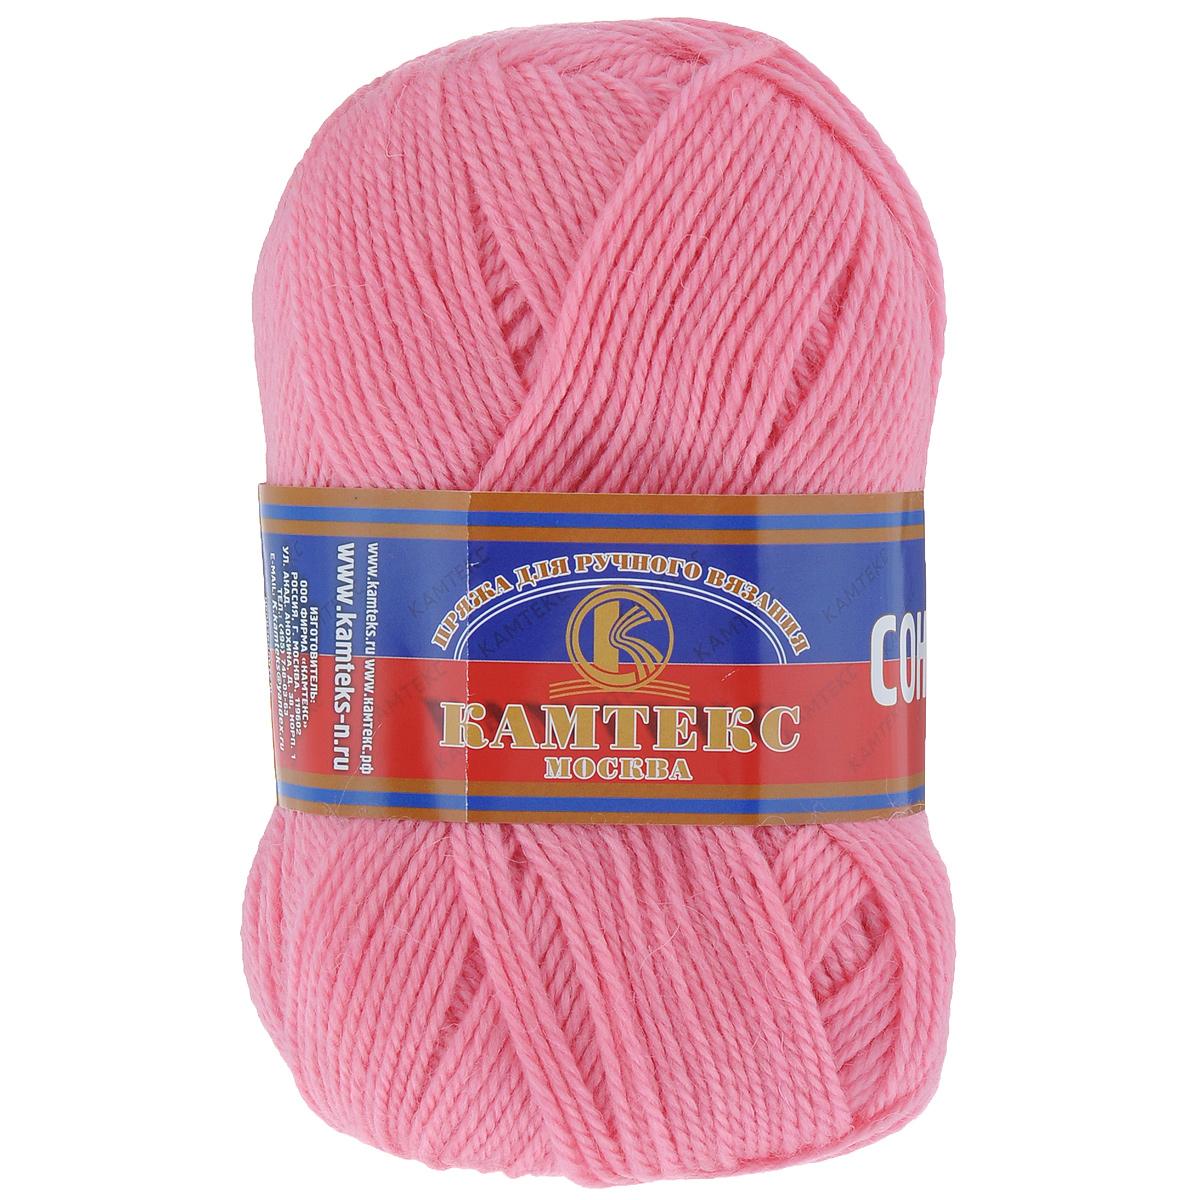 Пряжа для вязания Камтекс Соната, цвет: ярко-розовый (056), 250 м, 100 г, 10 шт136030_056Пряжа для вязания Камтекс Соната изготовлена из 50% шерсти, 50% акрила. Она вяжется легко и свободно, имеет богатую цветовую гамму от теплых пастельных тонов до ярких и смелых оттенков. Ворсистая ниточка ровно складывается в полотно, которое имеет минимальный процент усадки. Из пряжи Соната прекрасно вяжутся теплые туники, жилеты, свитера, платья и многие другие изделия. Рекомендуемые для вязания спицы и крючки 3-5 мм. Состав: 50% шерсть, 50% акрил. Комплектация: 10 шт. Толщина нити: 2 мм.